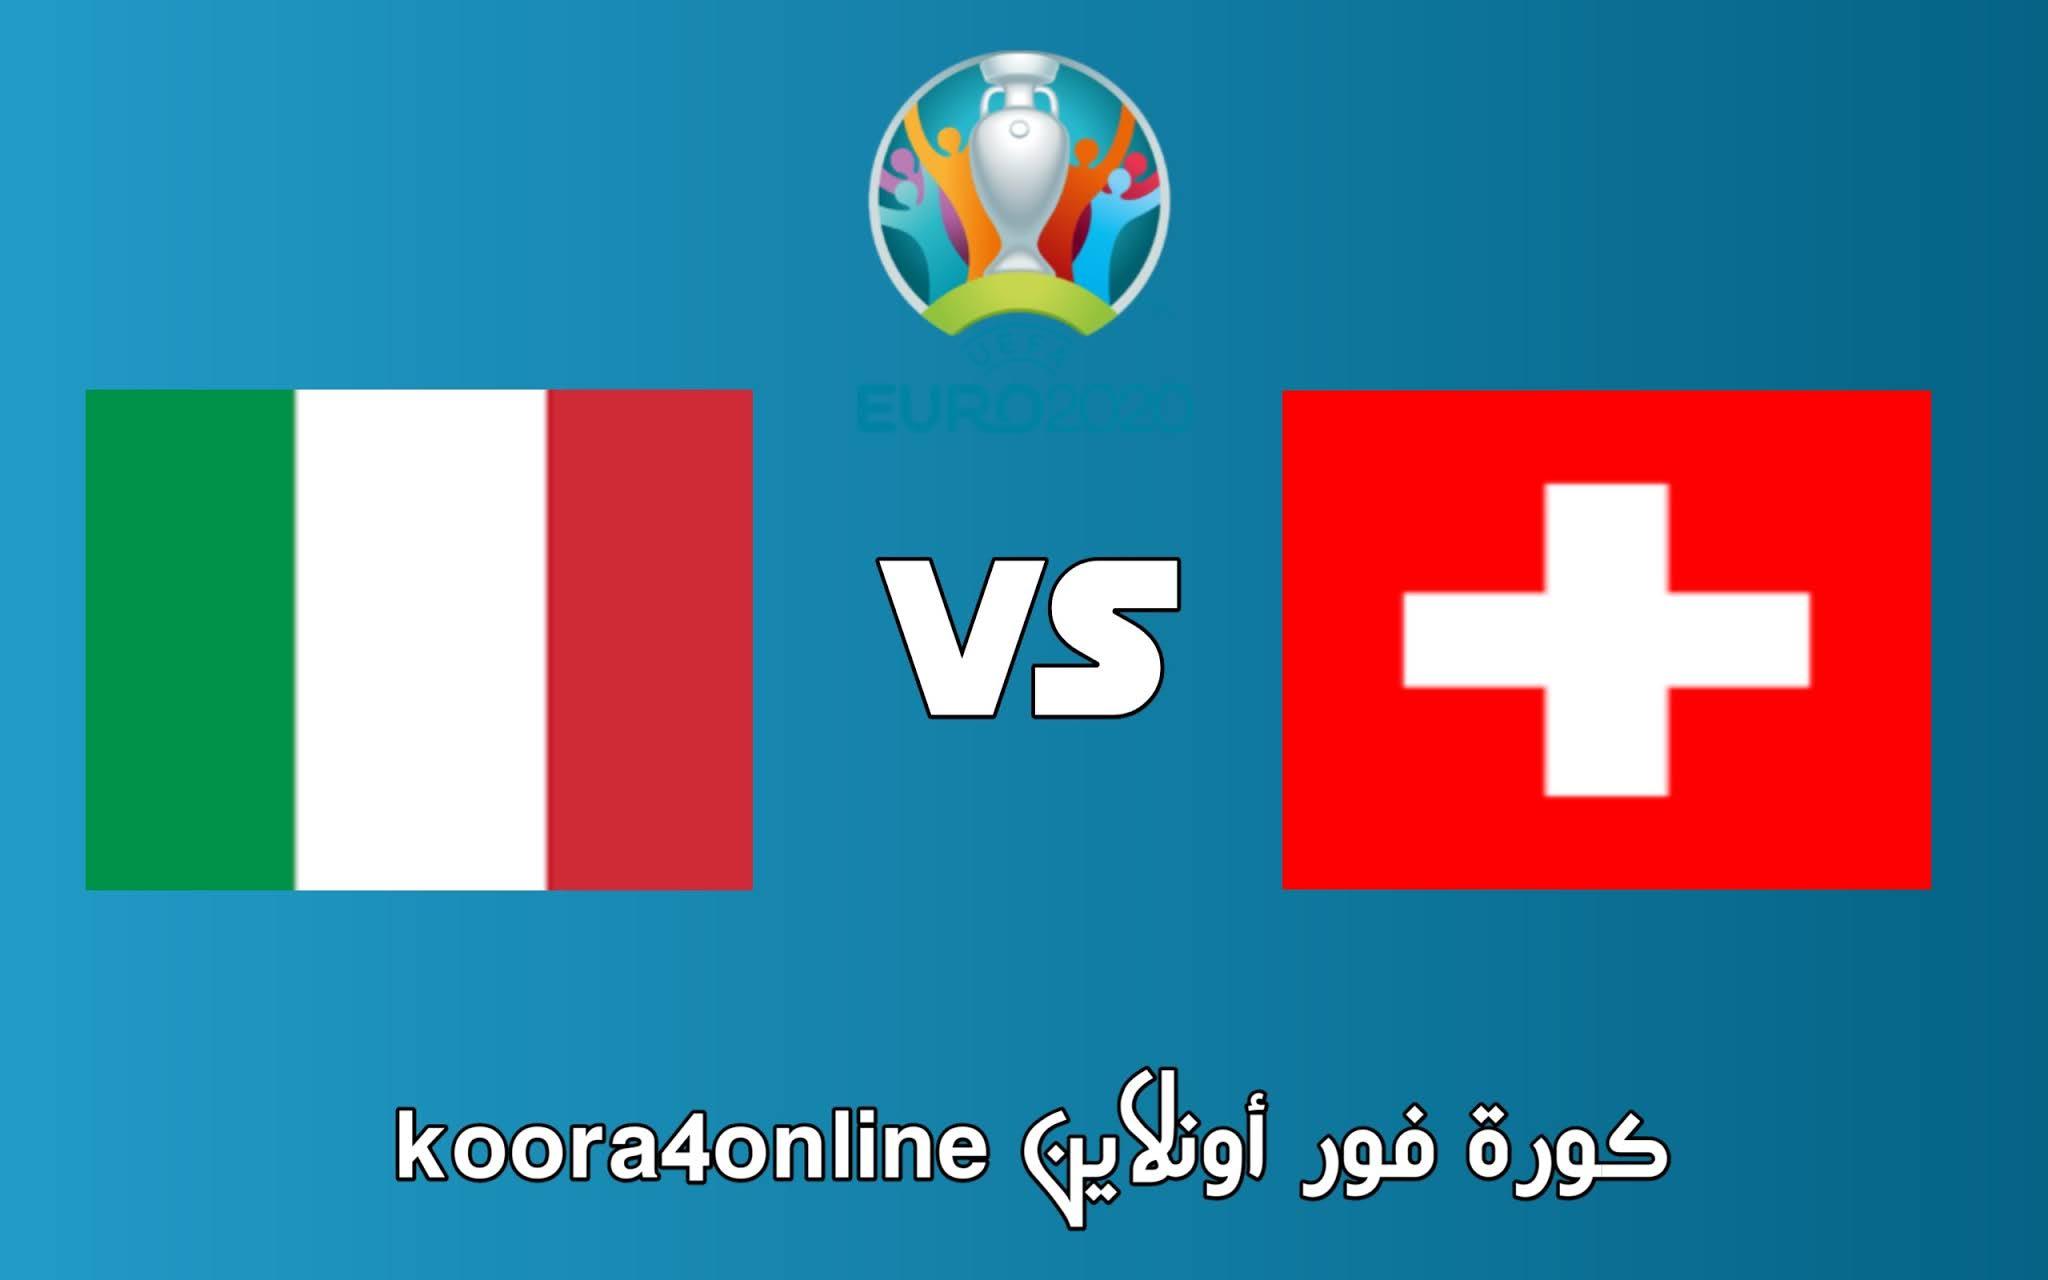 مشاهدة مباراة ايطاليا و سويسرا اليوم 16-06-2021 كاس امم اوروبا